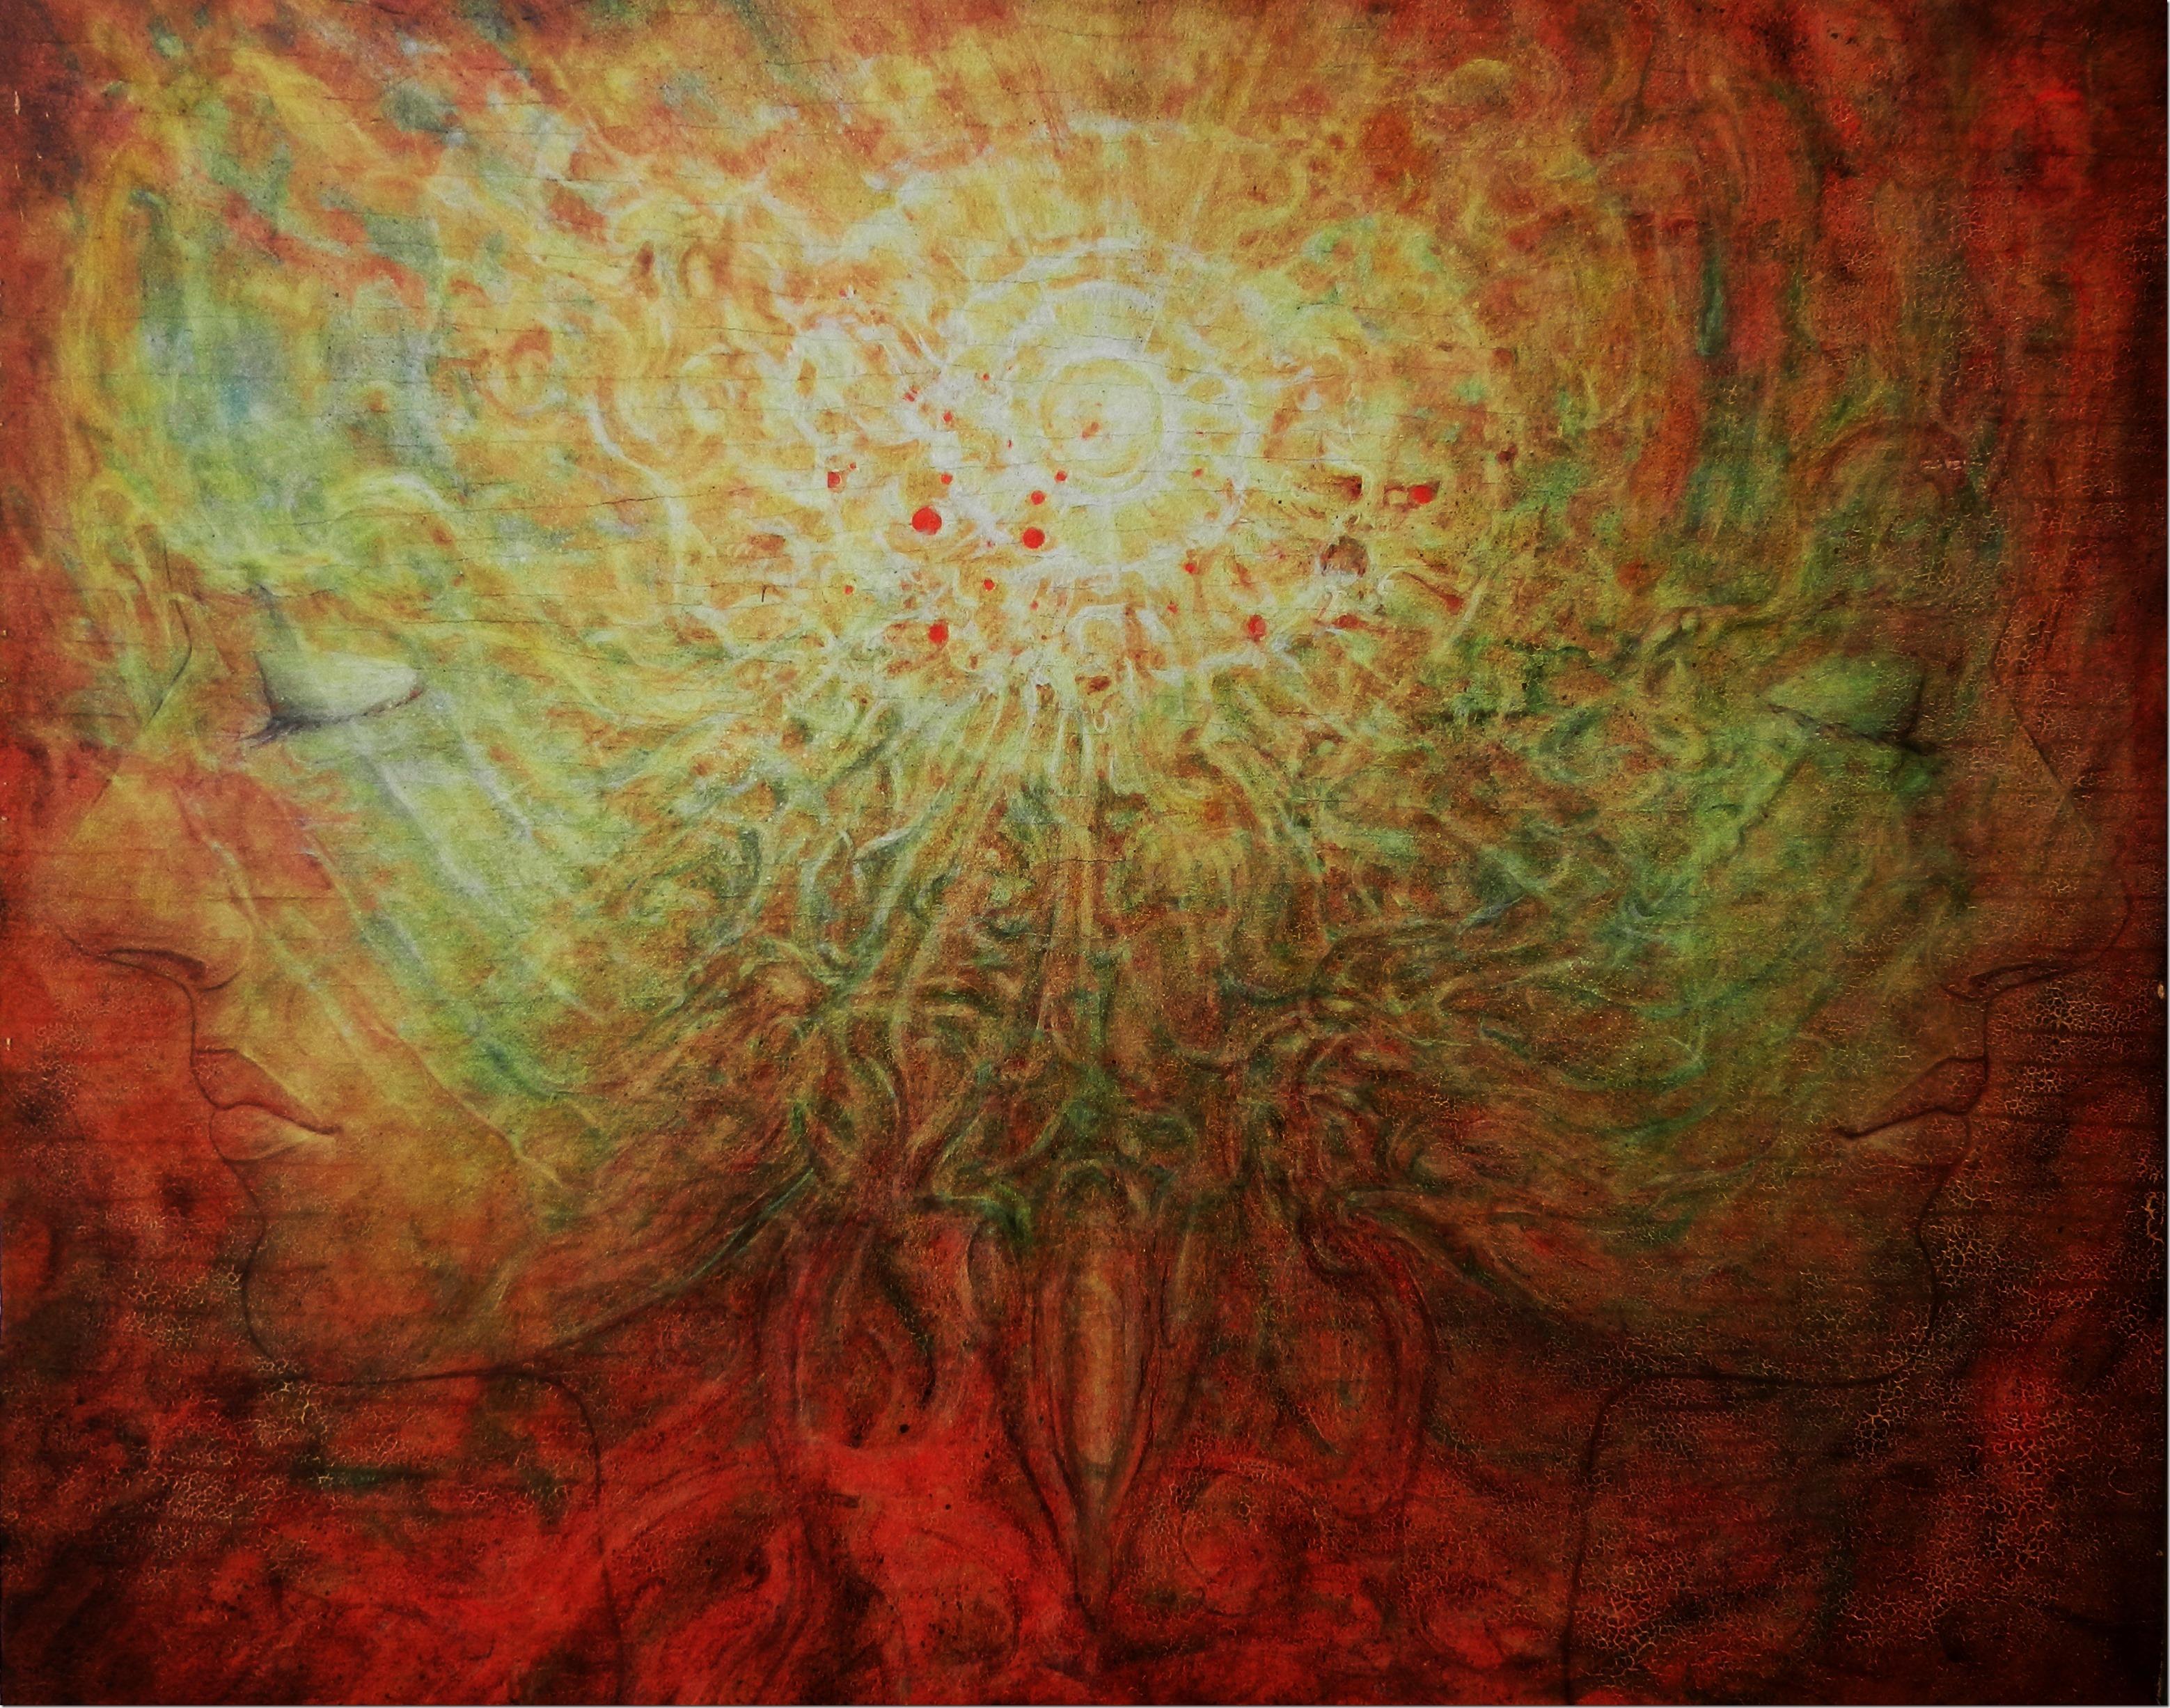 janus-2-petersaufnahme-by-arkis-87-17-gro